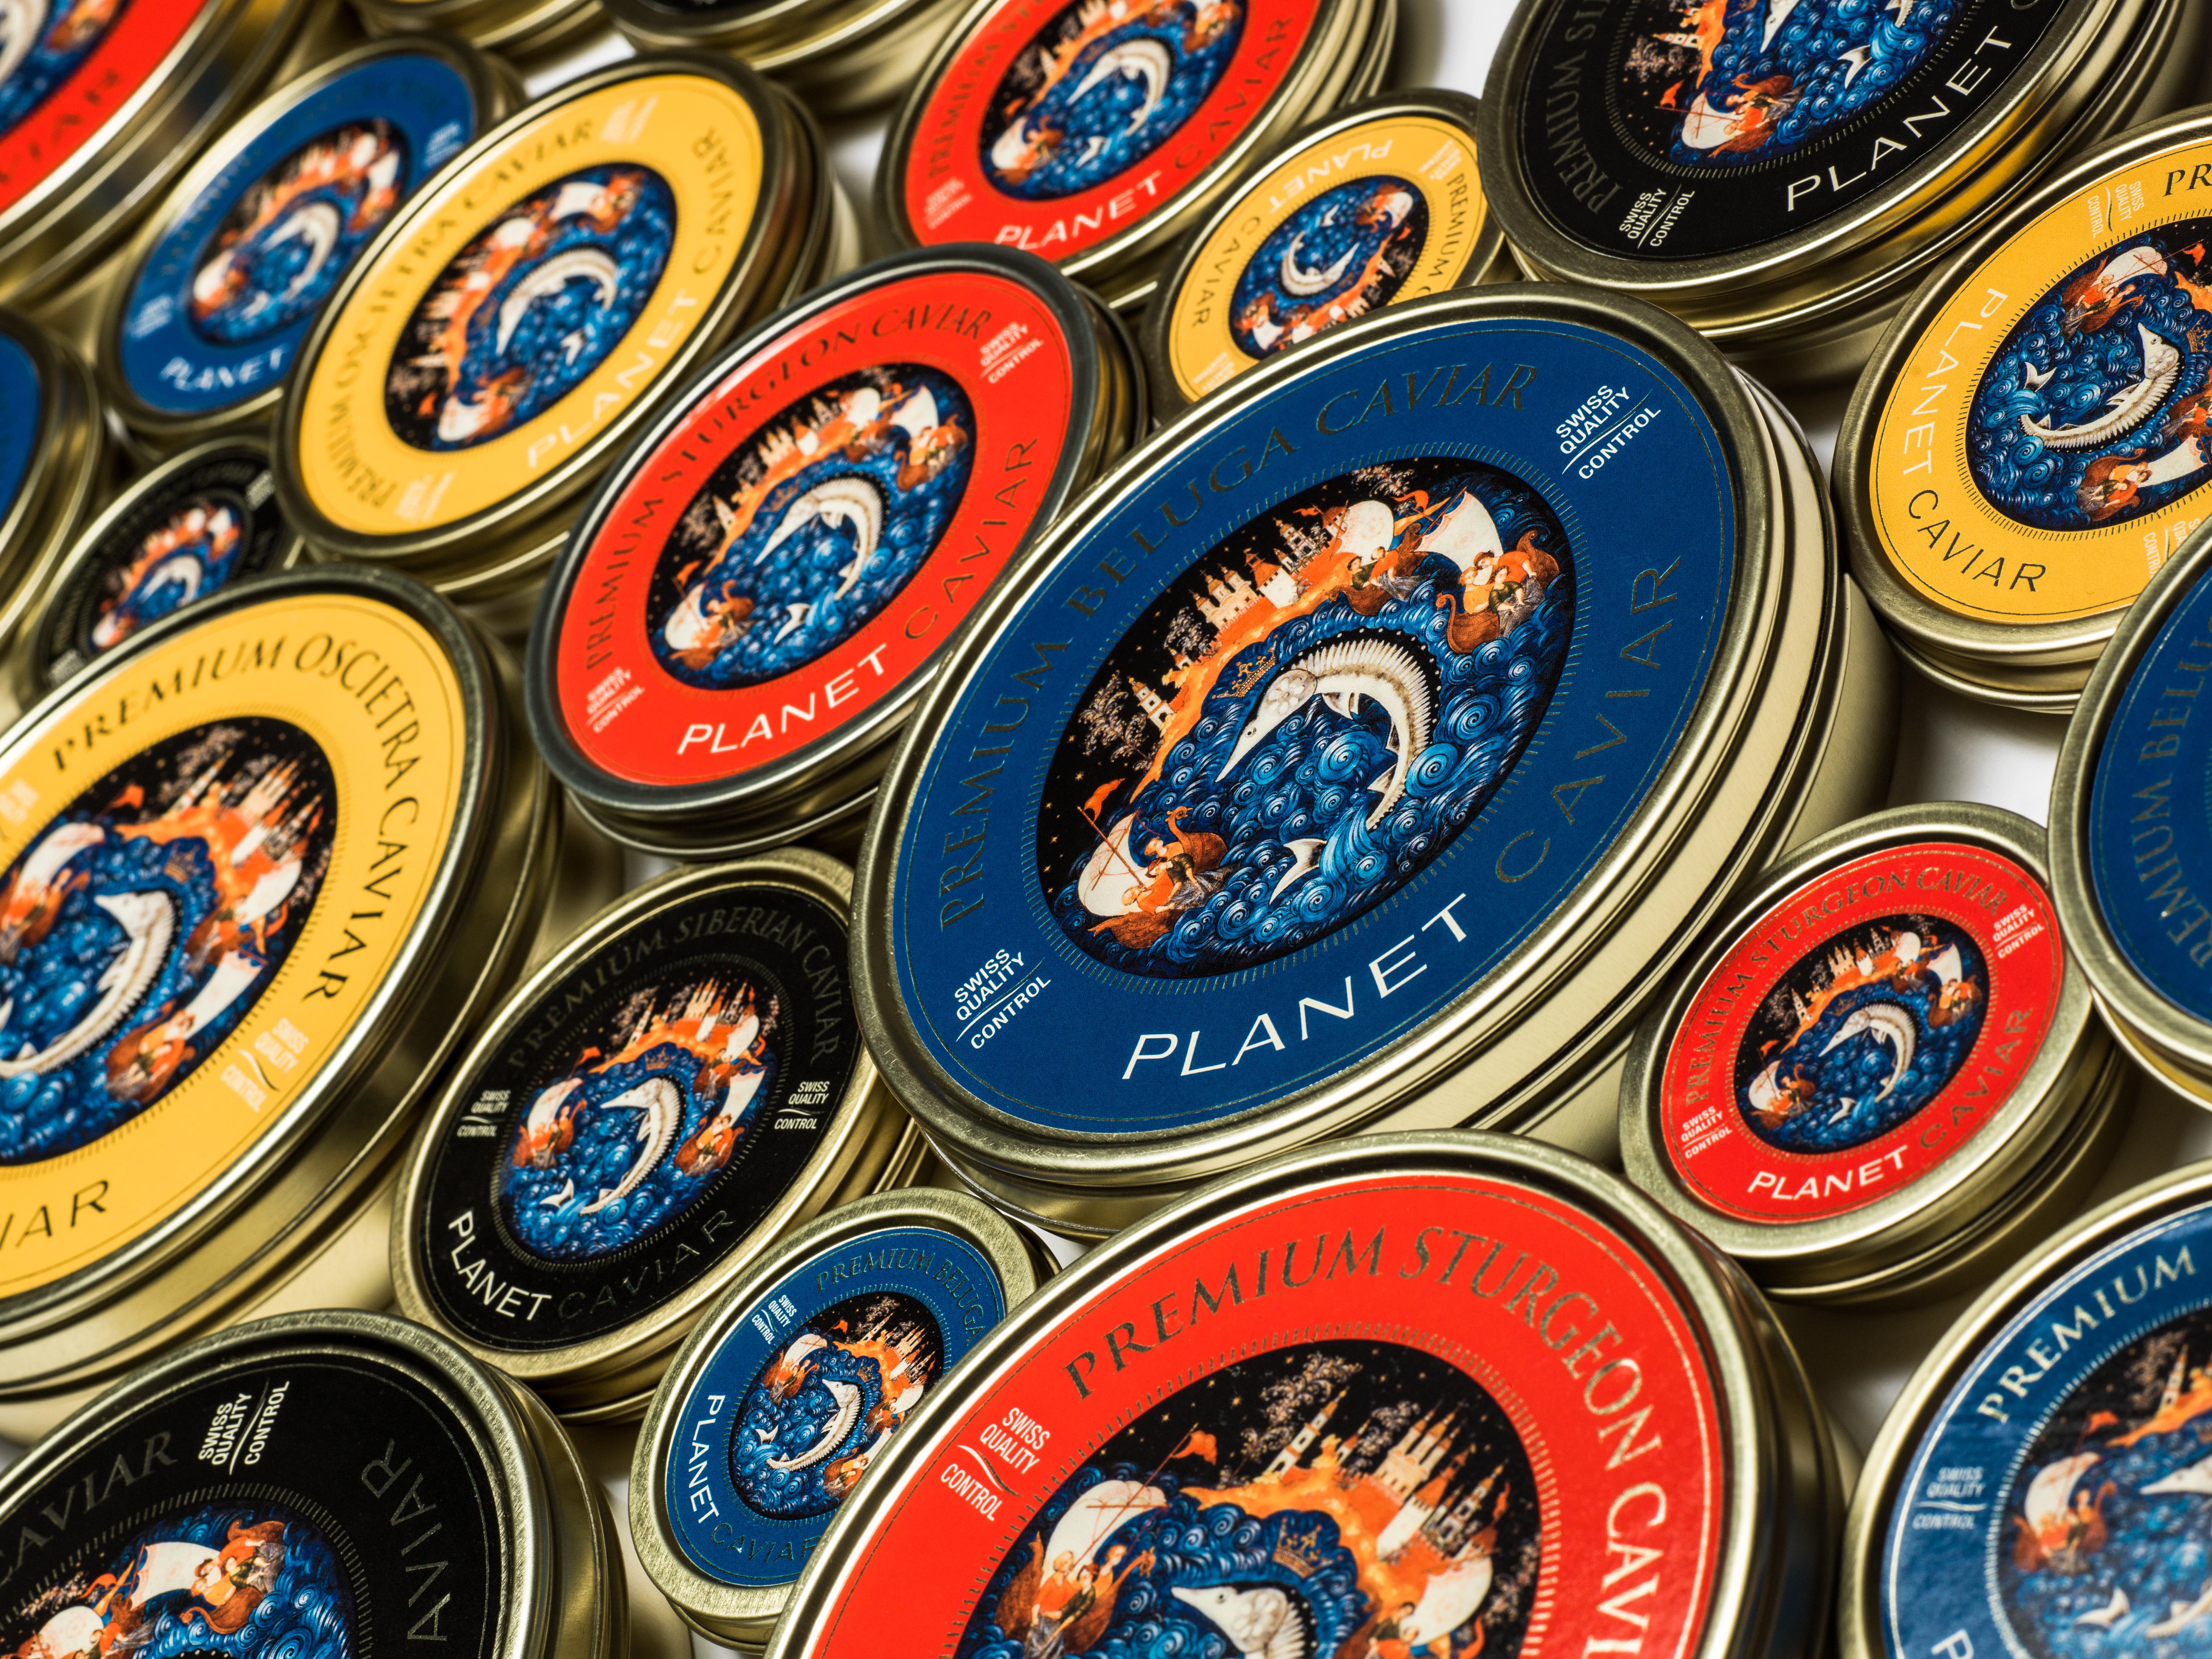 Planet Caviar